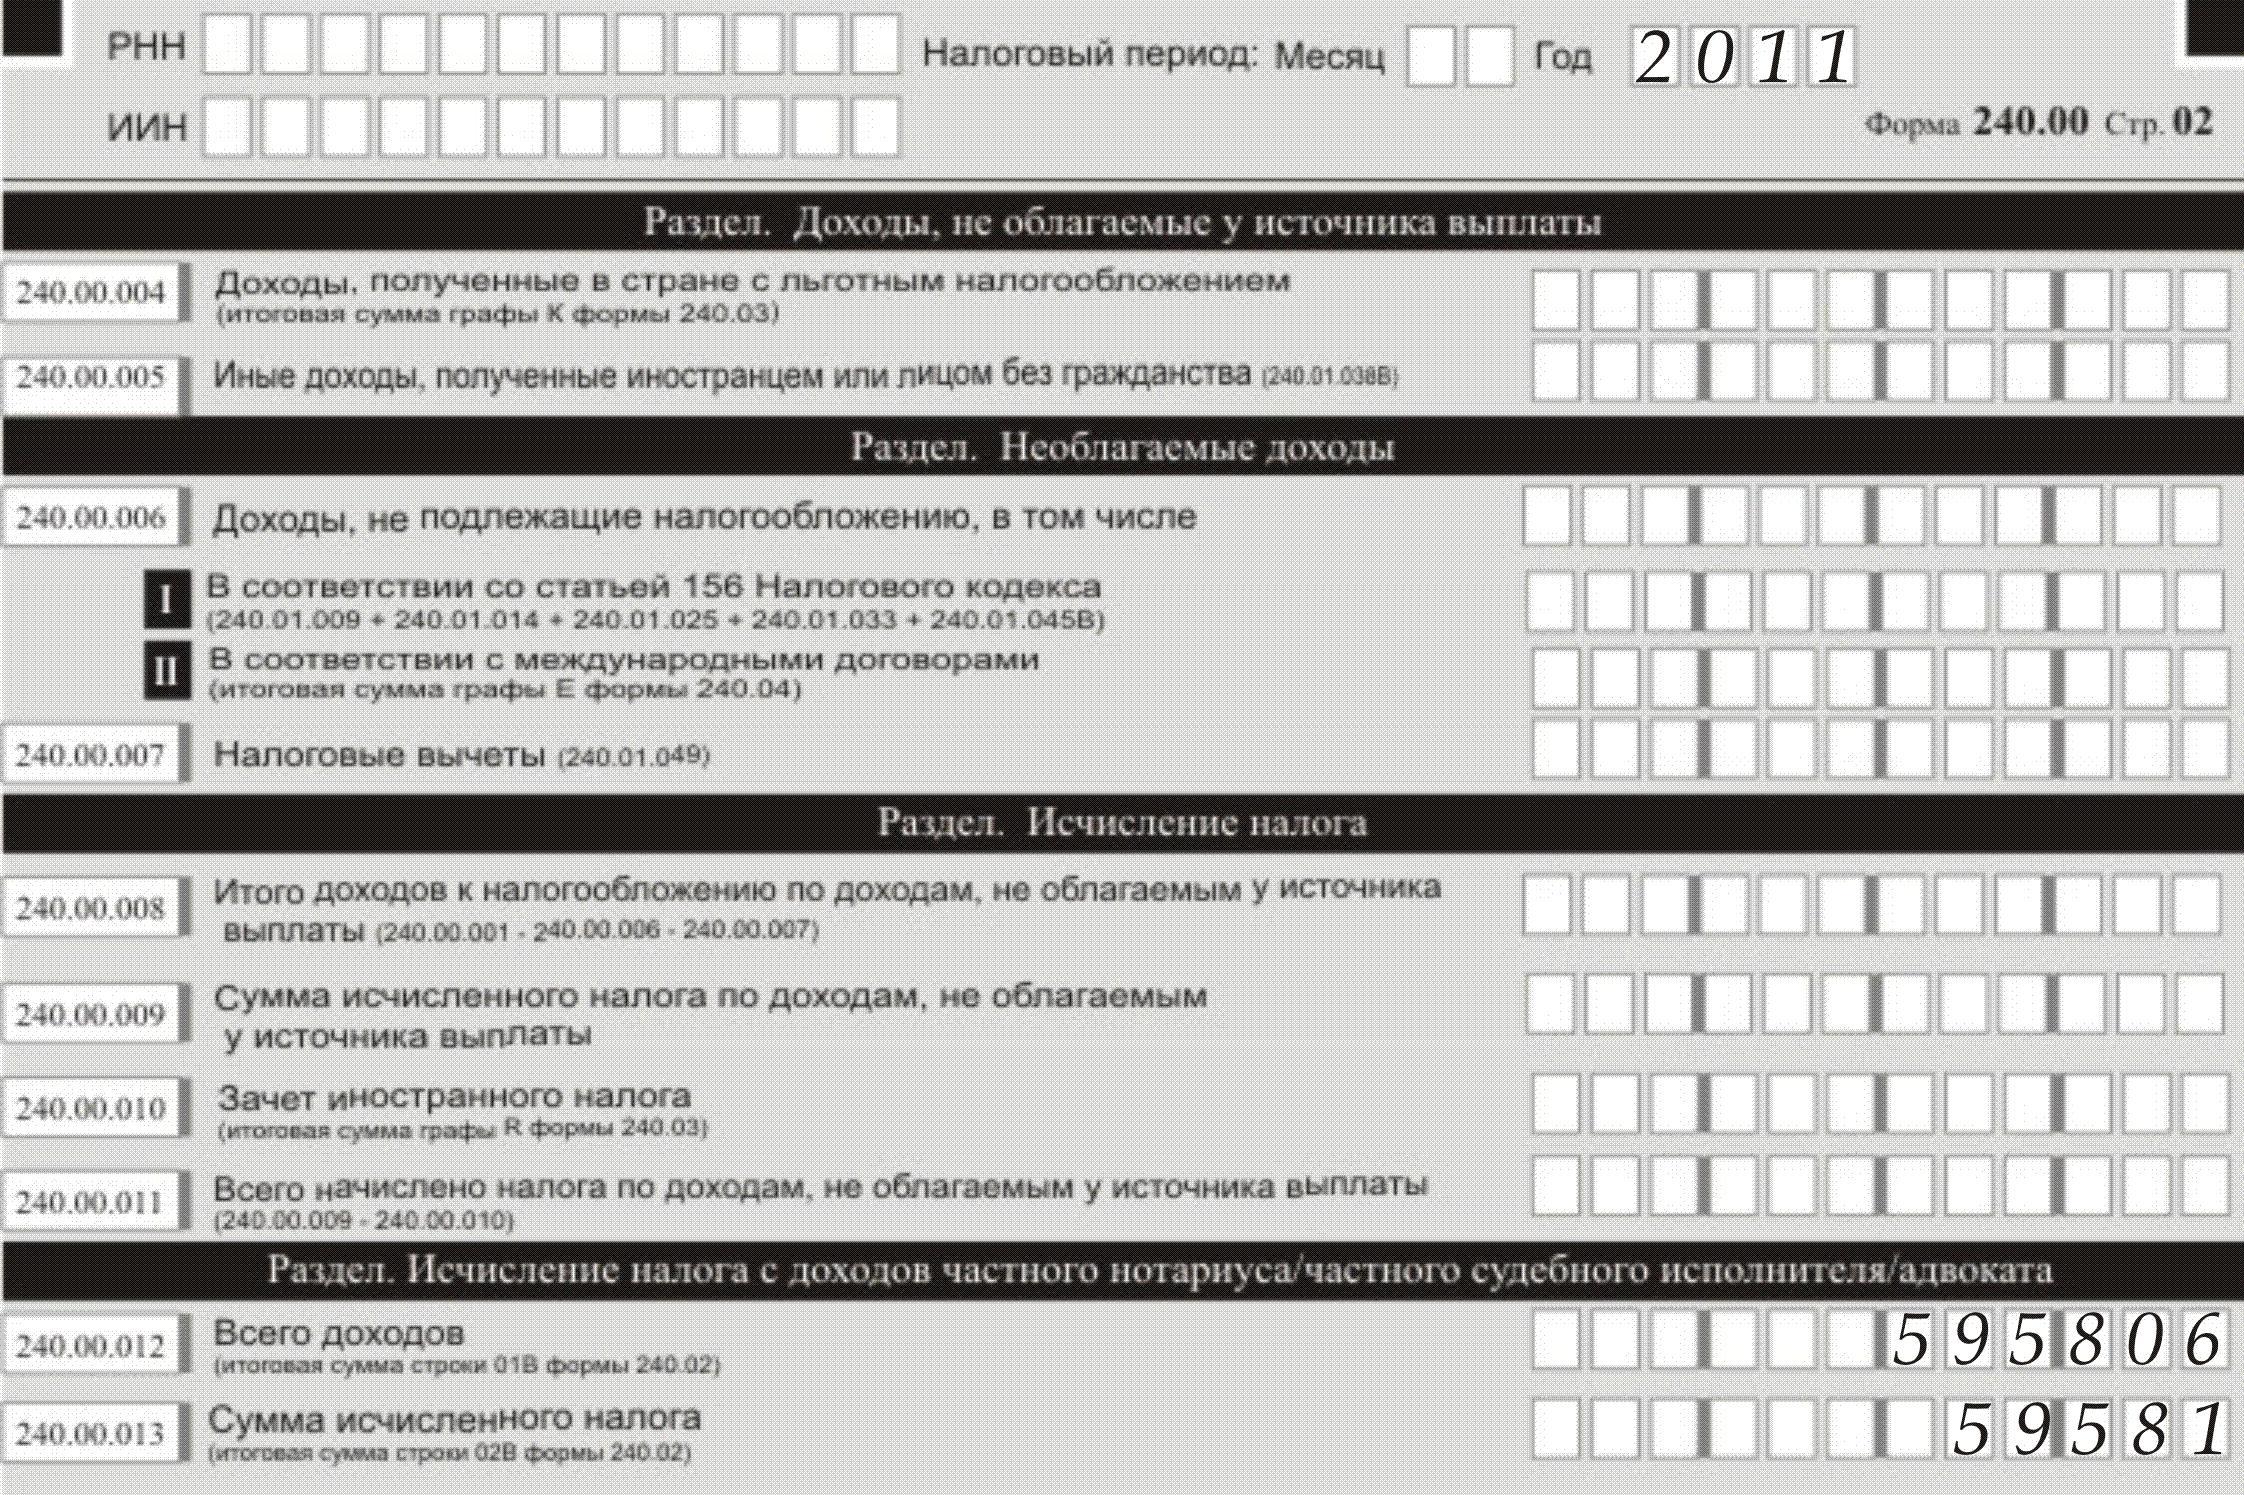 деклорацыя про доходы 2011 бланк